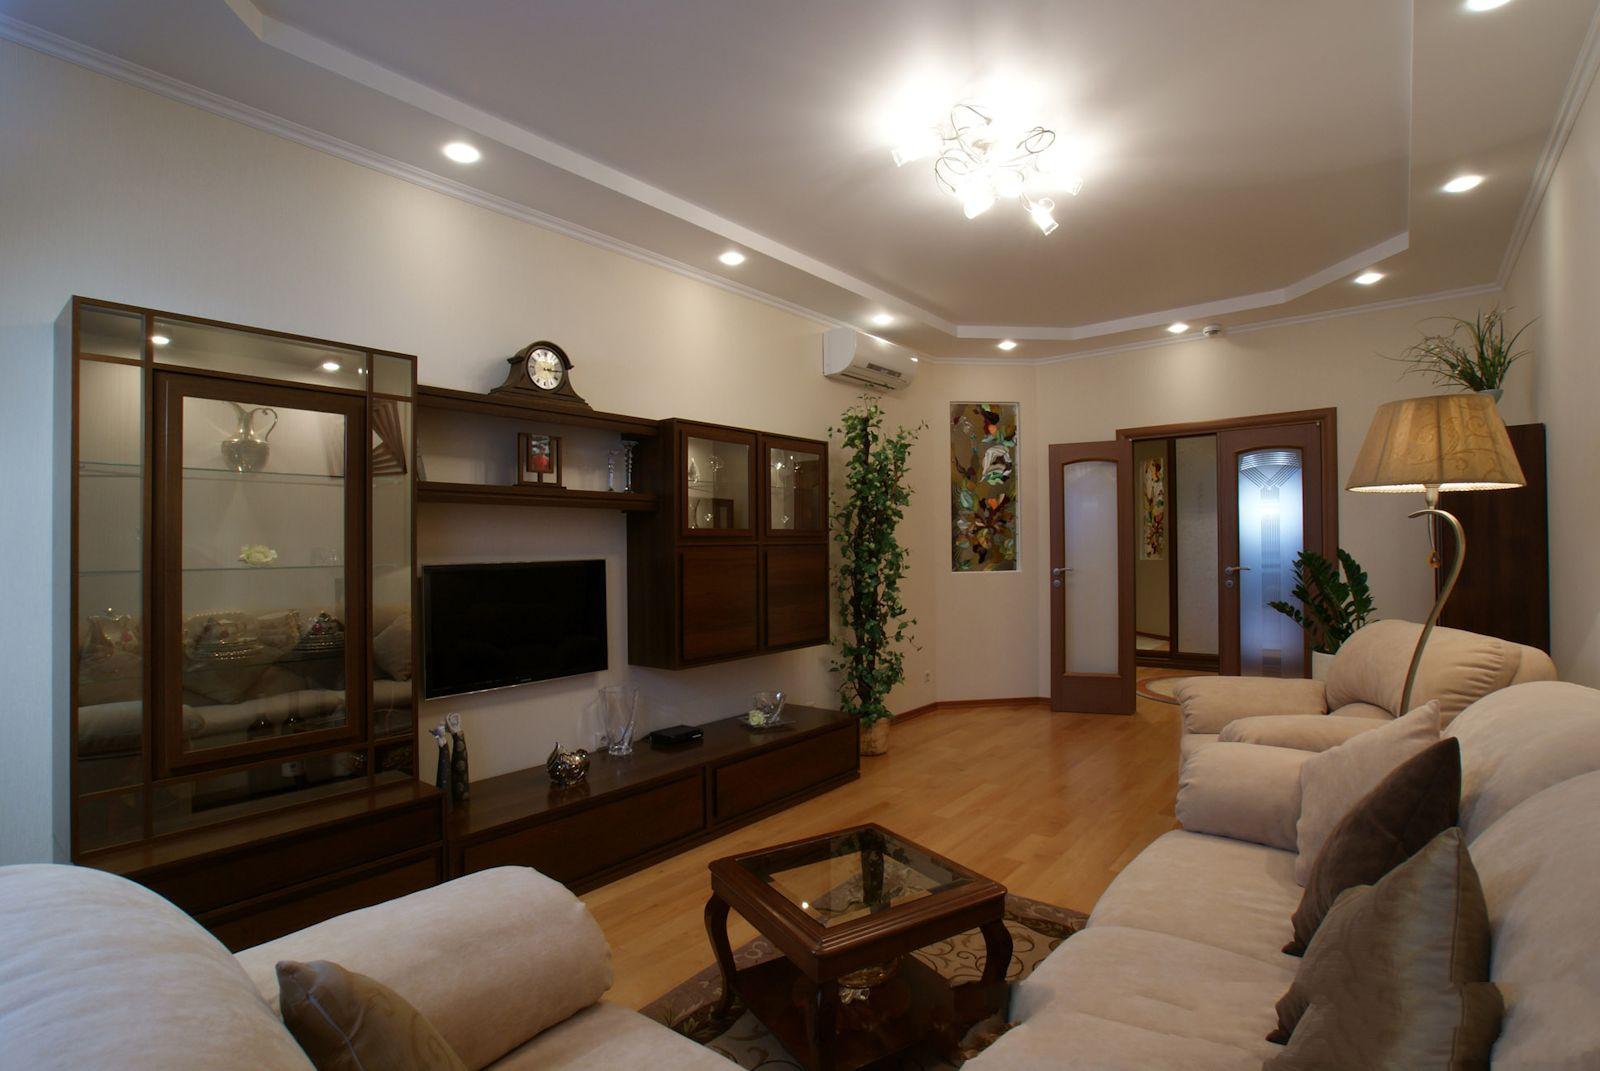 Цены на ремонт квартир в Санкт-Петербурге — Прайс и